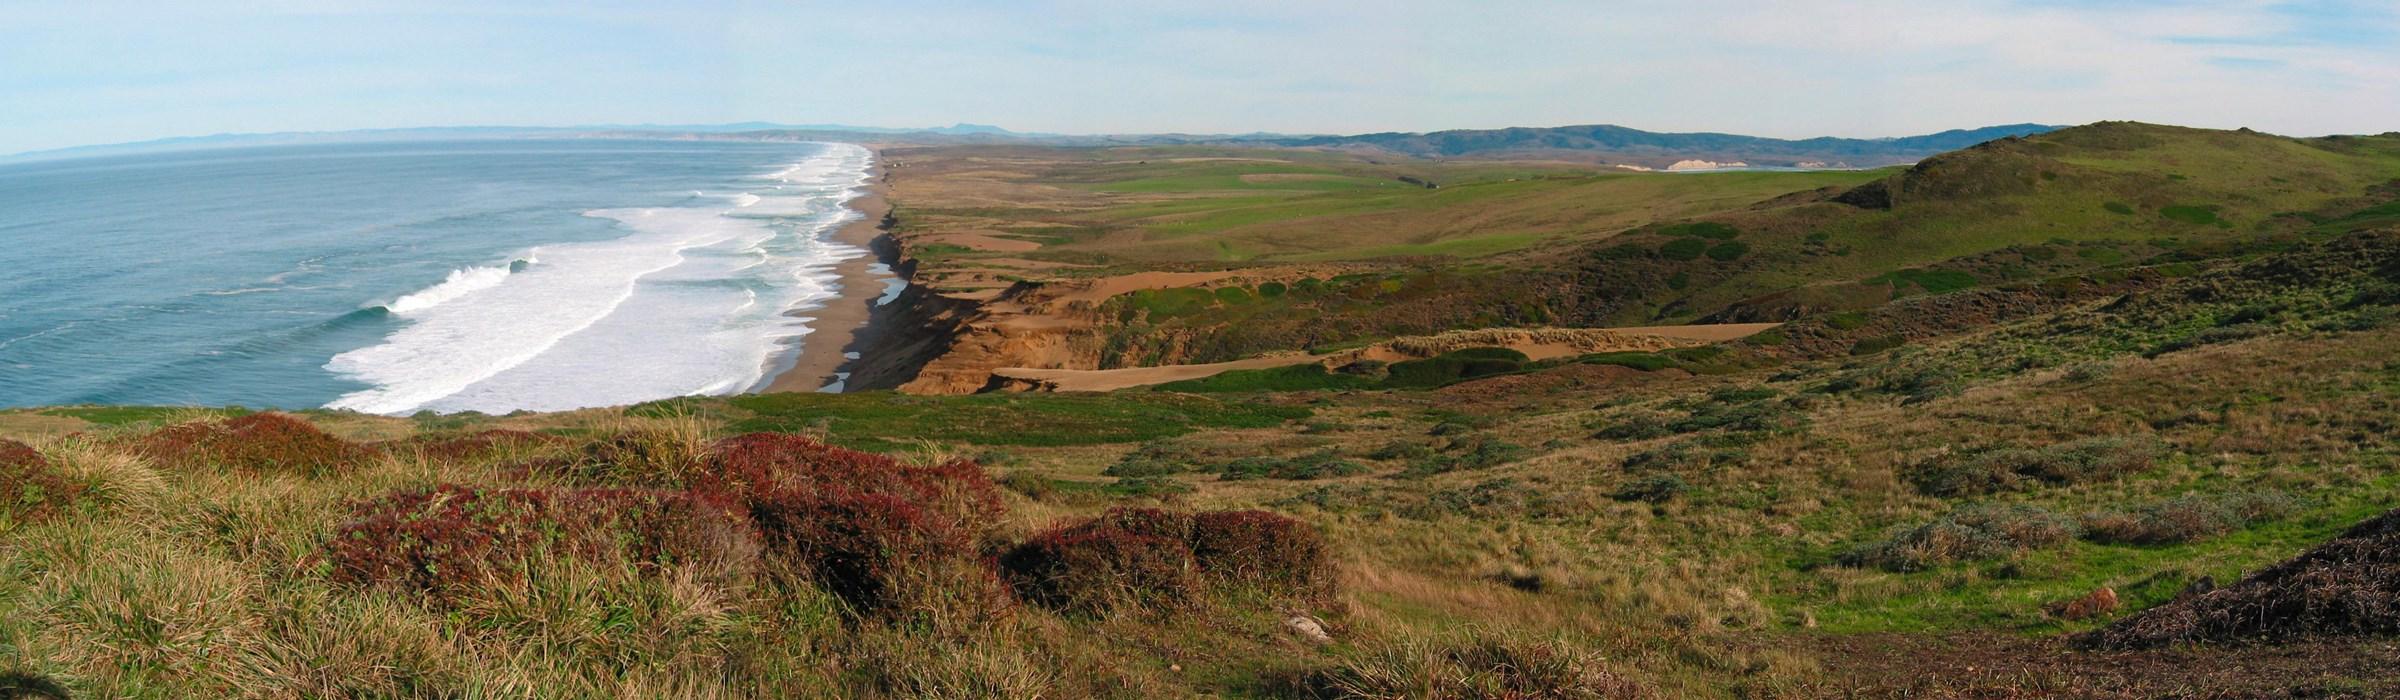 National Park Service, Pt Reyes